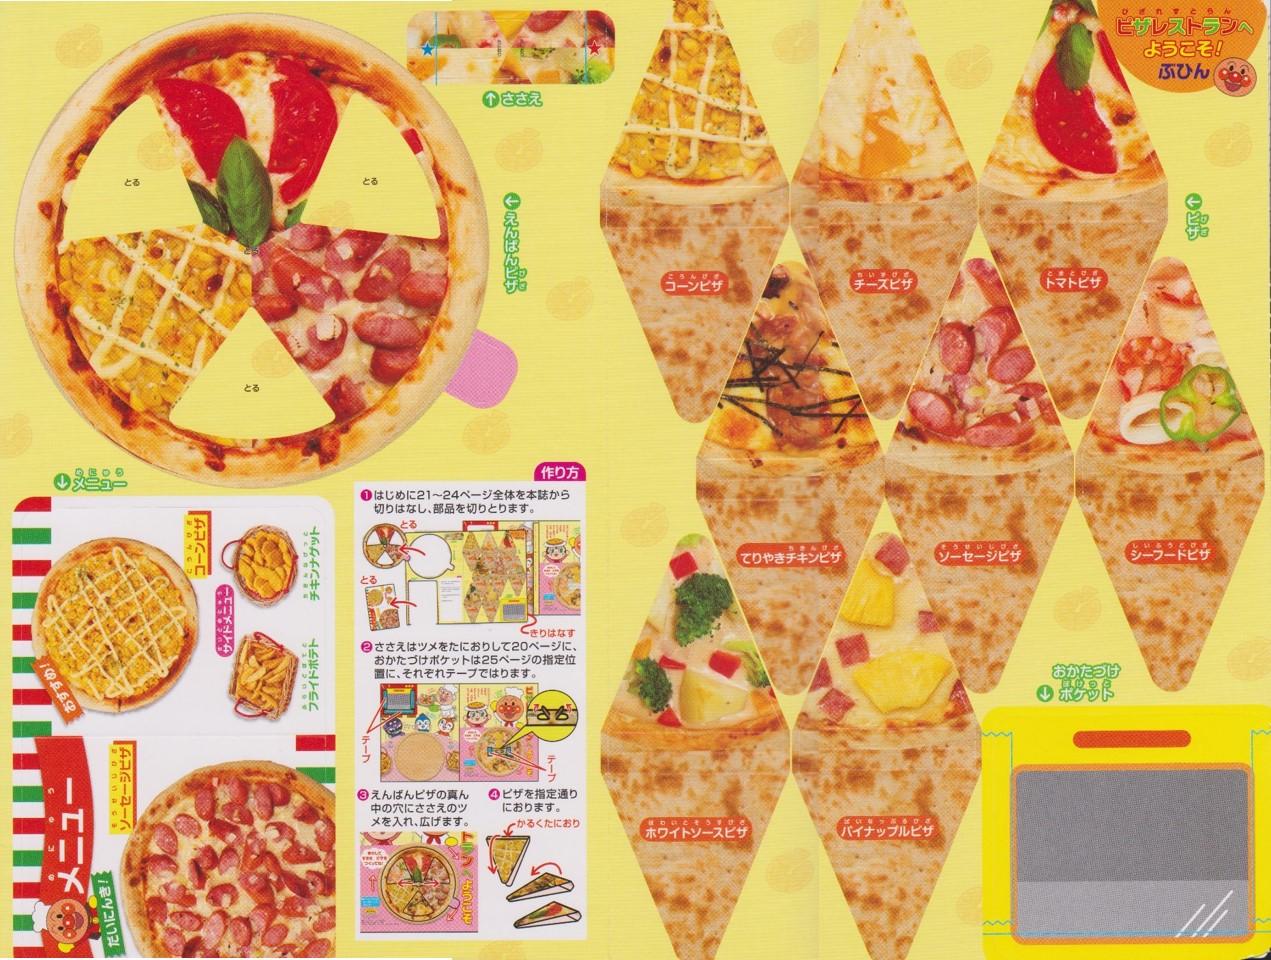 コーンピザ、チーズピザ、トマトピザ、てりやきチキンピザ、ソーセージピザ、シーフードピザ、ホワイトソースピザ、パイナップルピザの8種類!